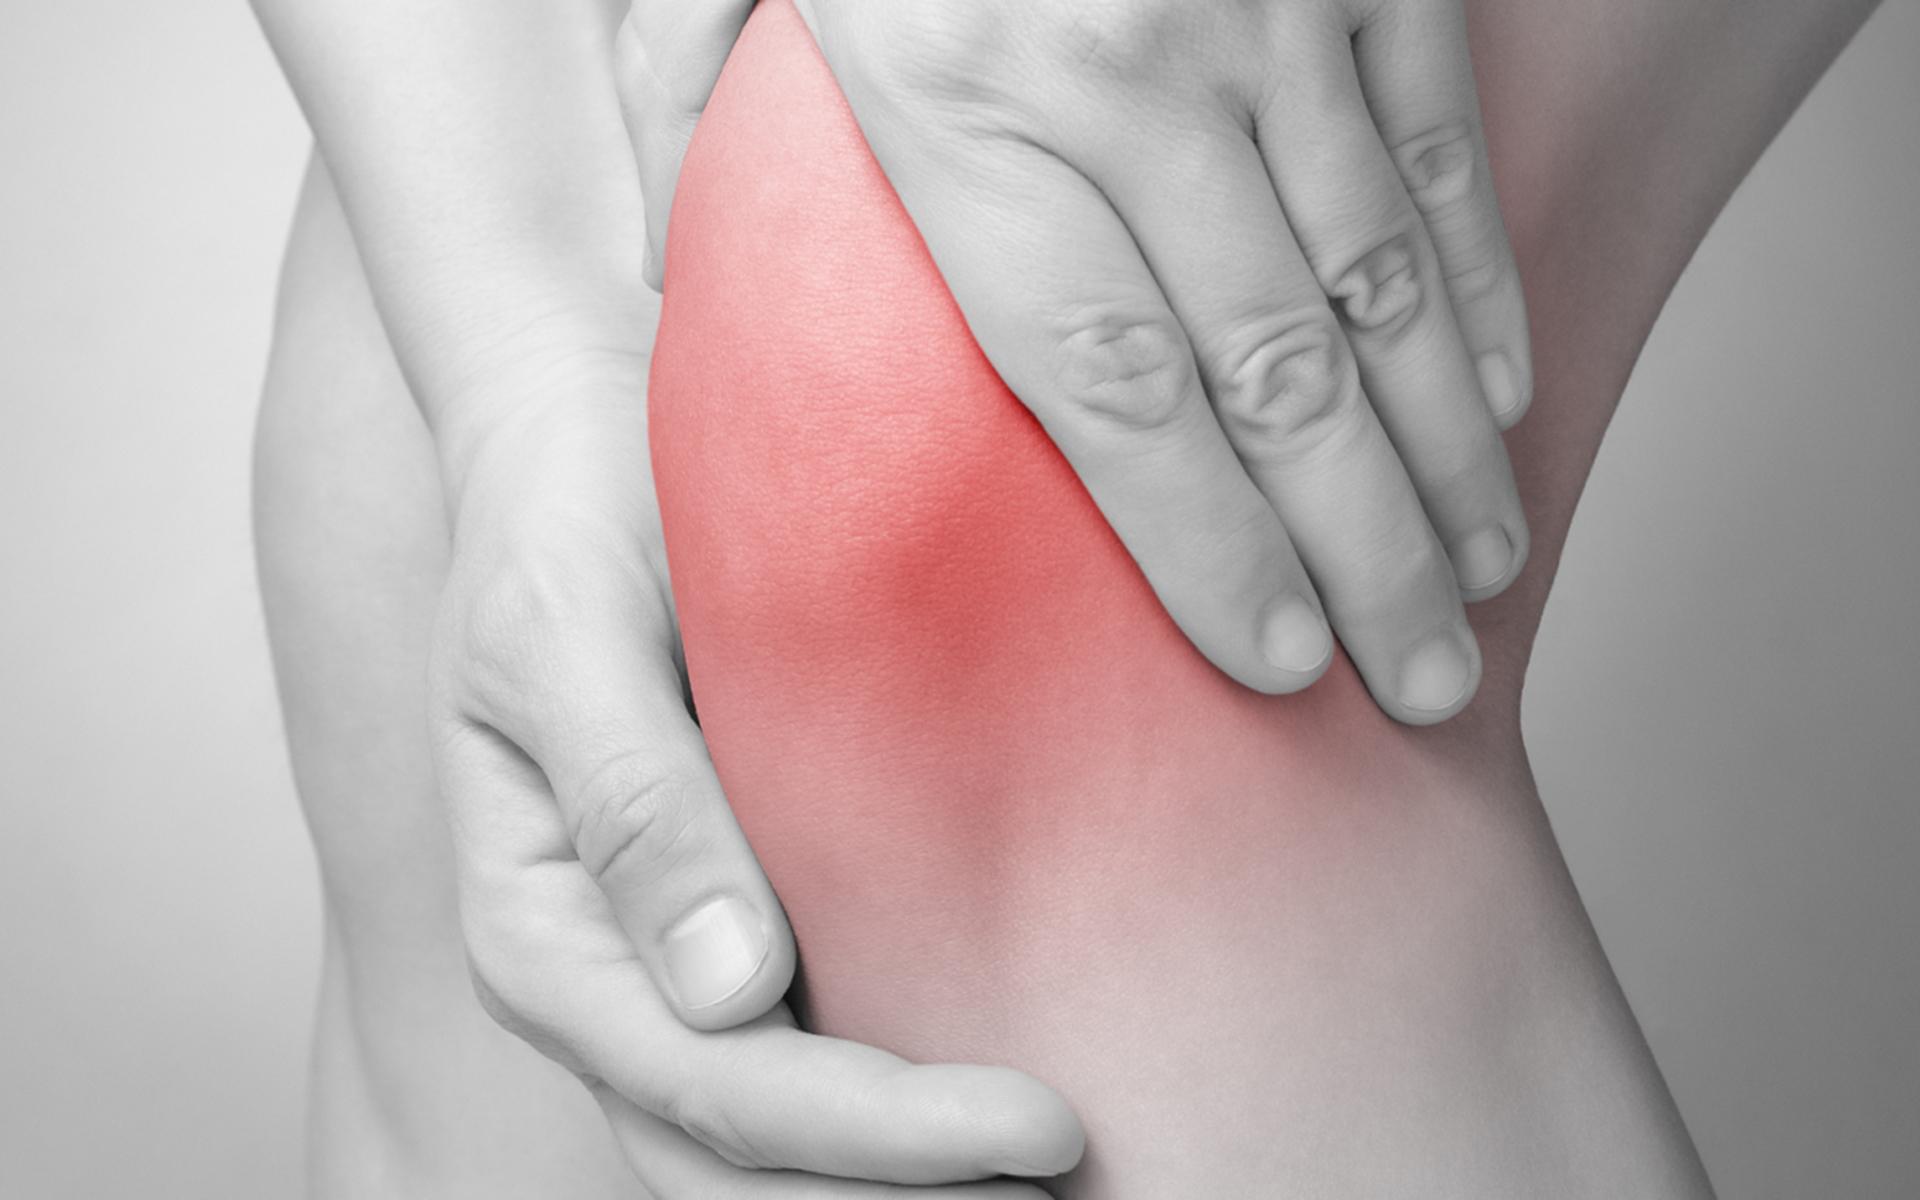 b cure. b-cure, b cure laser, b-cure laser, dureri de genunchi, genunchi durerosi, remedii pentru durerile de genunchi, dureri ale articulatiei genunchiului, tratament pentru dureri de genunchi, stop durere, durere, opreste durerea, oprește durerea, laser, tratament laser, terapie laser, vindeca durerea, vindecă durerea, aparat pentru durere, aparat medical pentru durere, dispozitiv pentru durere, dispozitiv tratament durere, aparat tratament durere, dispozitiv medical pentru durere, tratament durere laser, terapie durere laser, durere cronica, durere cronică, soft laser, cold laser, laser lllt